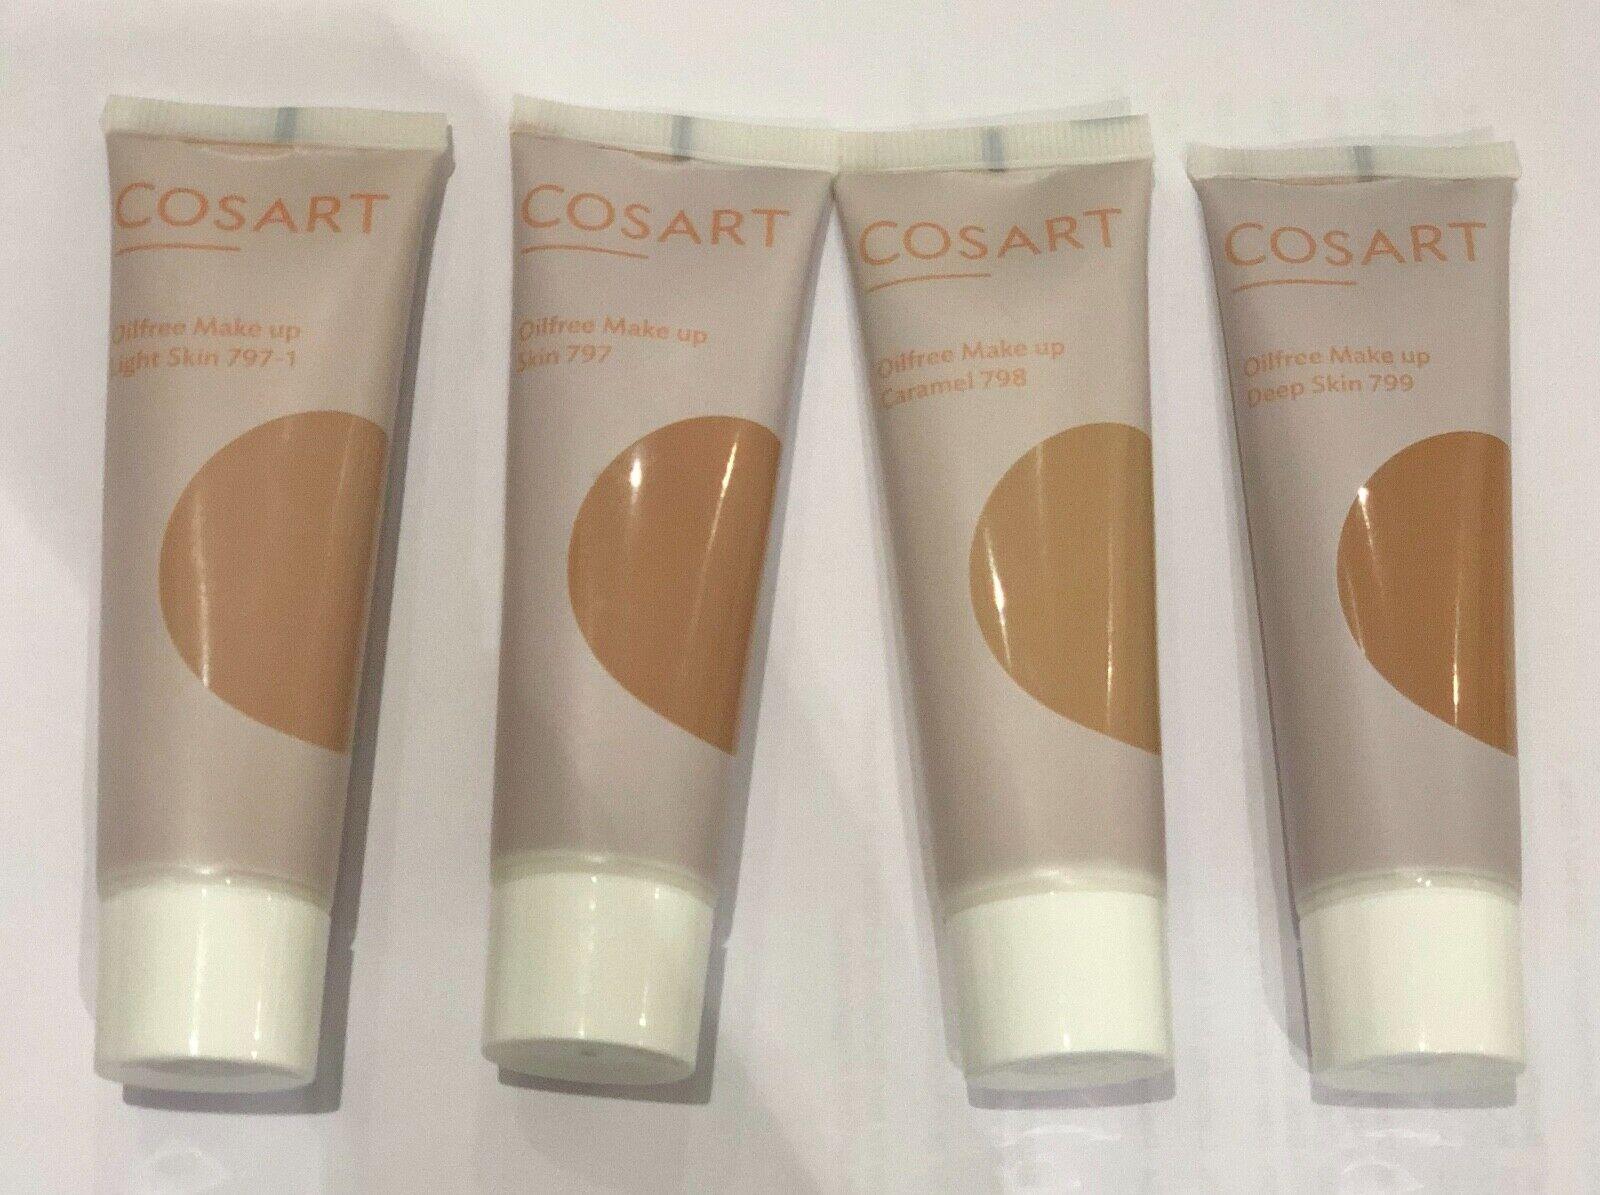 Cosart Oilfree Make Up, Ölfreies Make Up, 30ml - verschiedene Farben